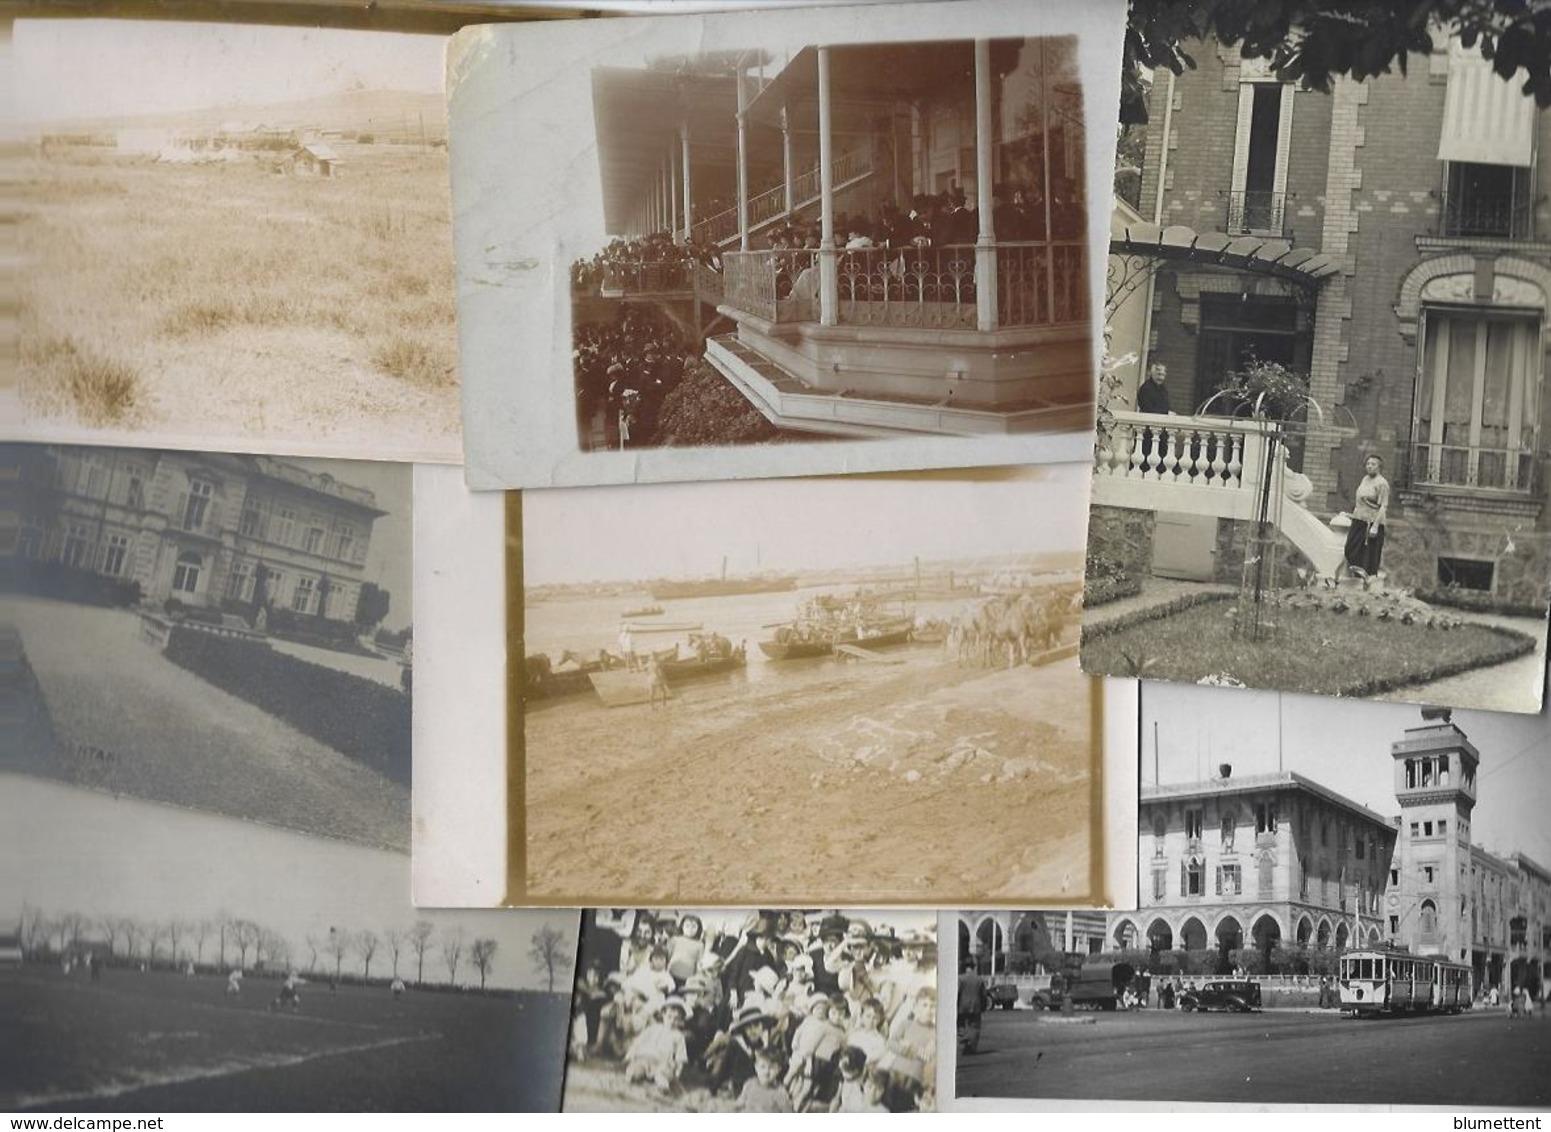 Lot 1500 De 10 CPA PHOTO RPPC Déstockage Pour Revendeurs Ou Collectionneurs - Cartes Postales